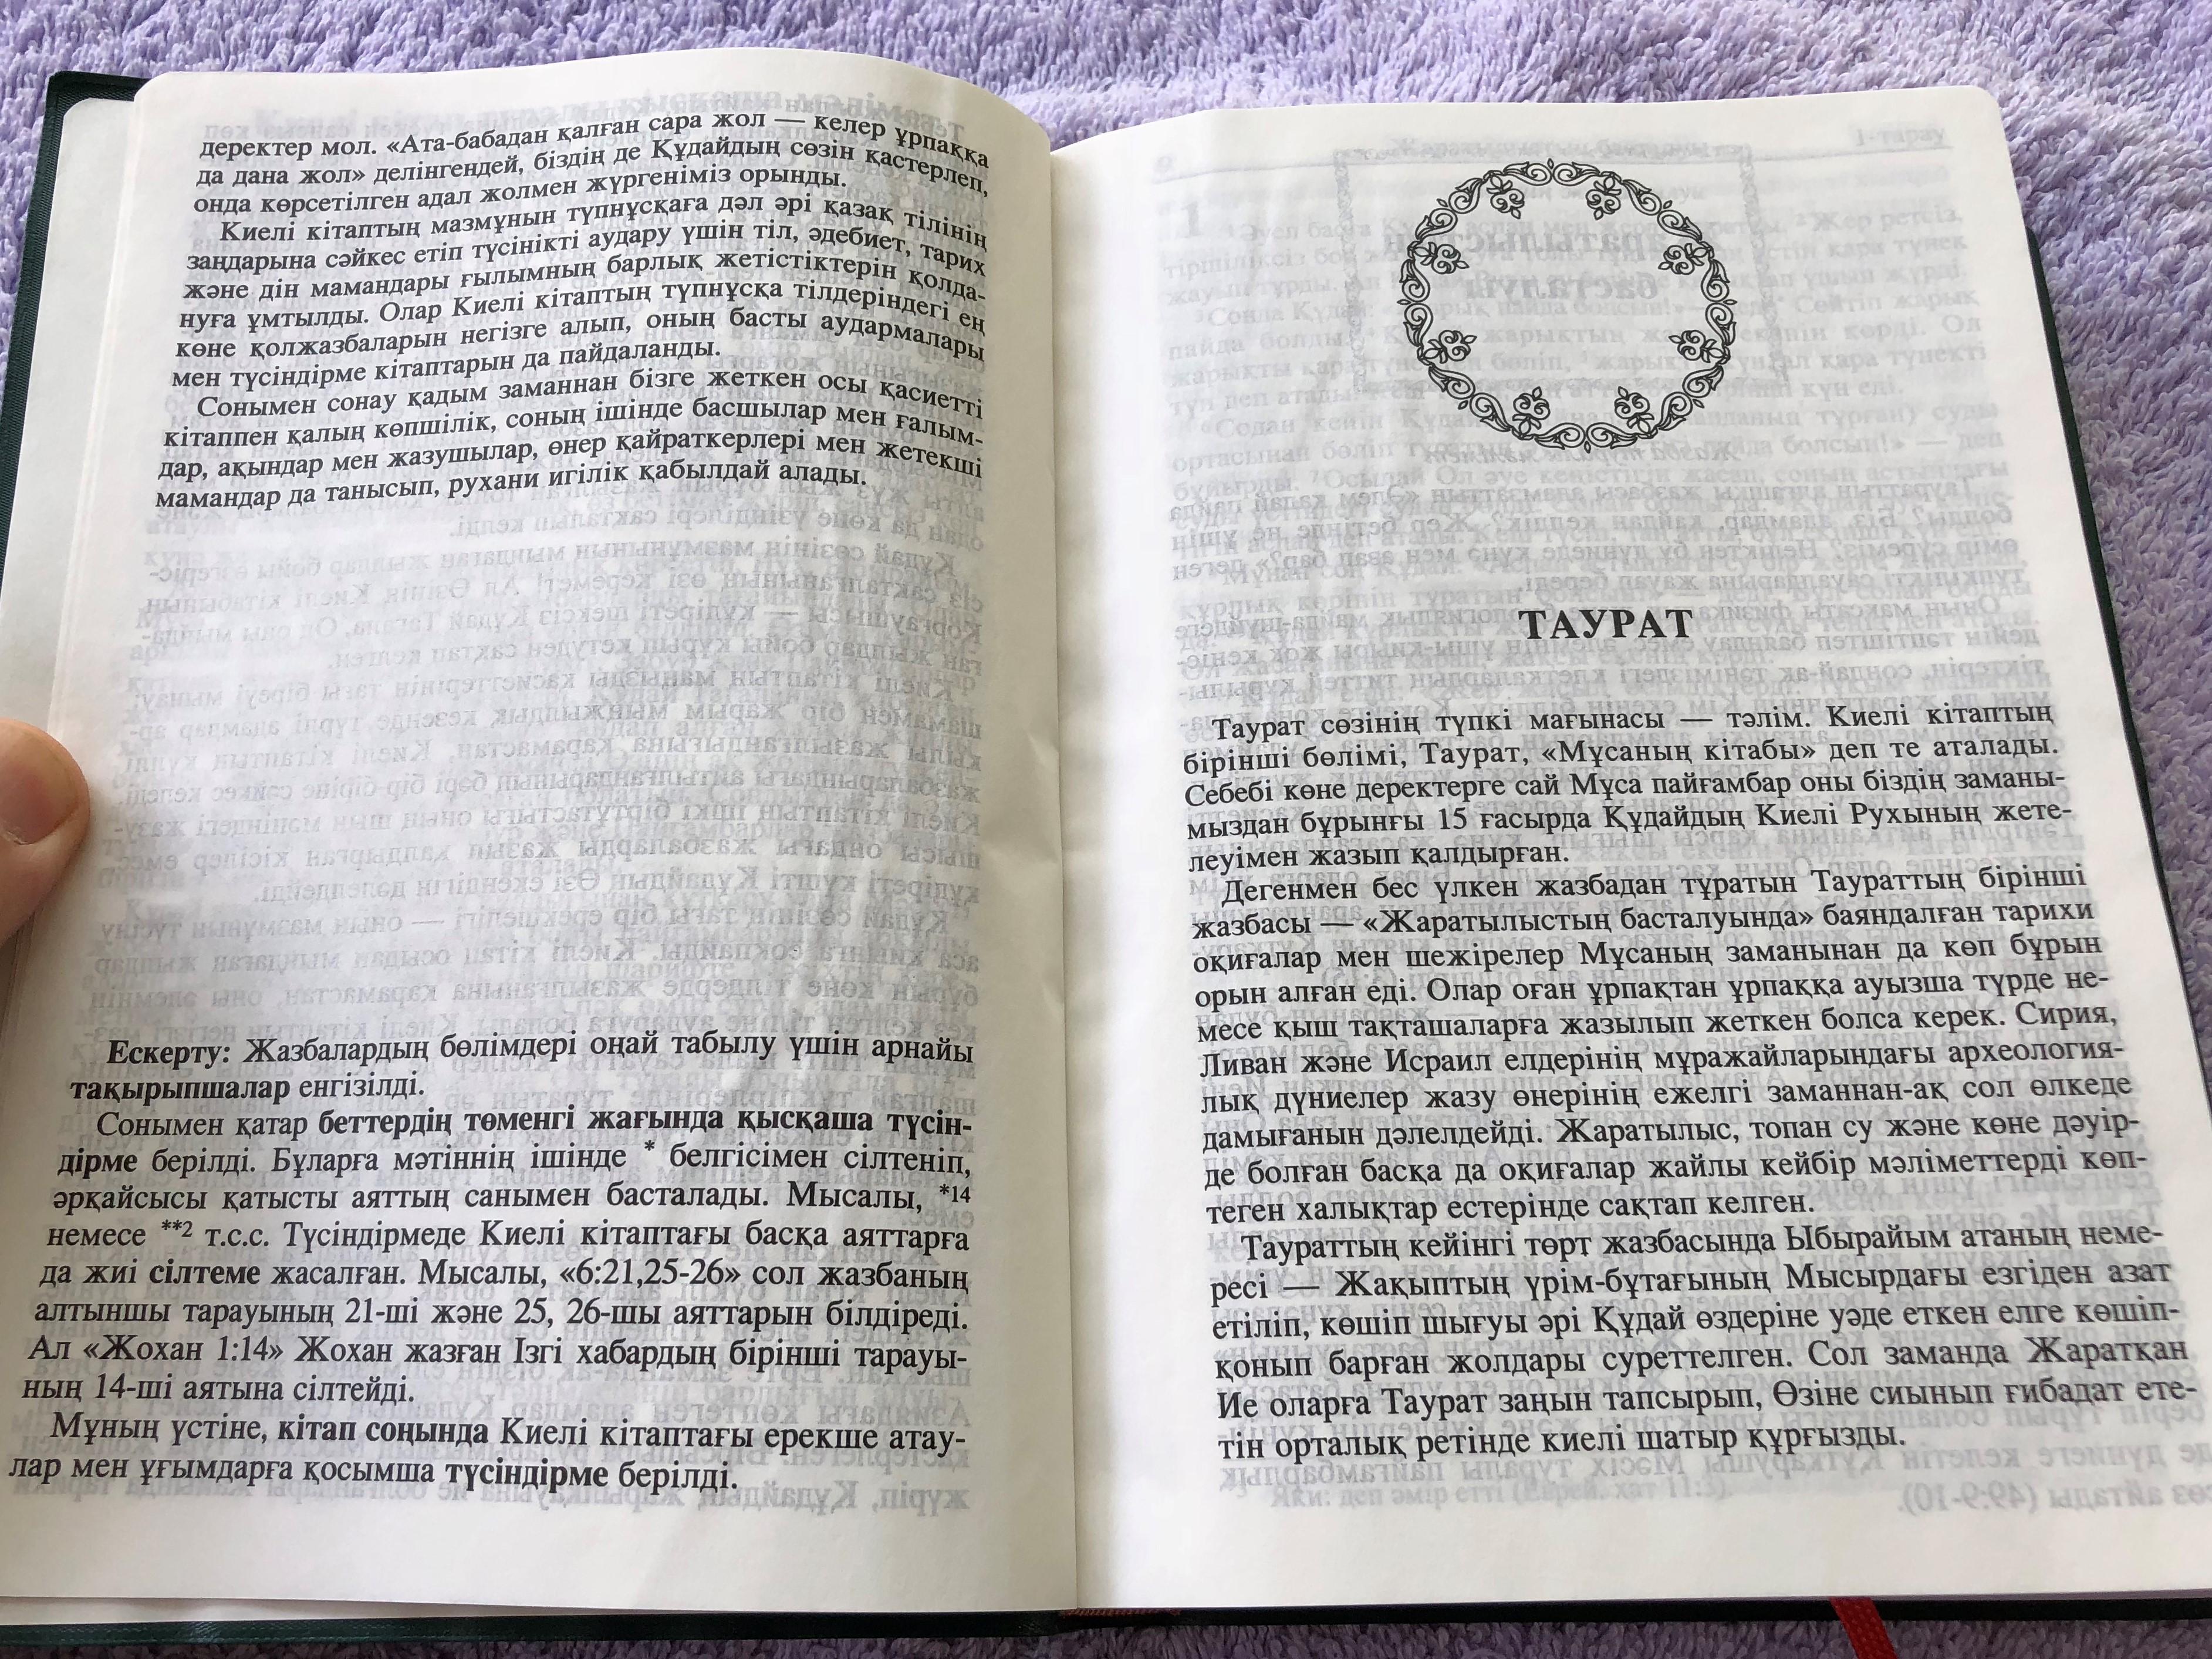 kazakh-bible-qazaq-natively-qazaq-tili-6-.jpg